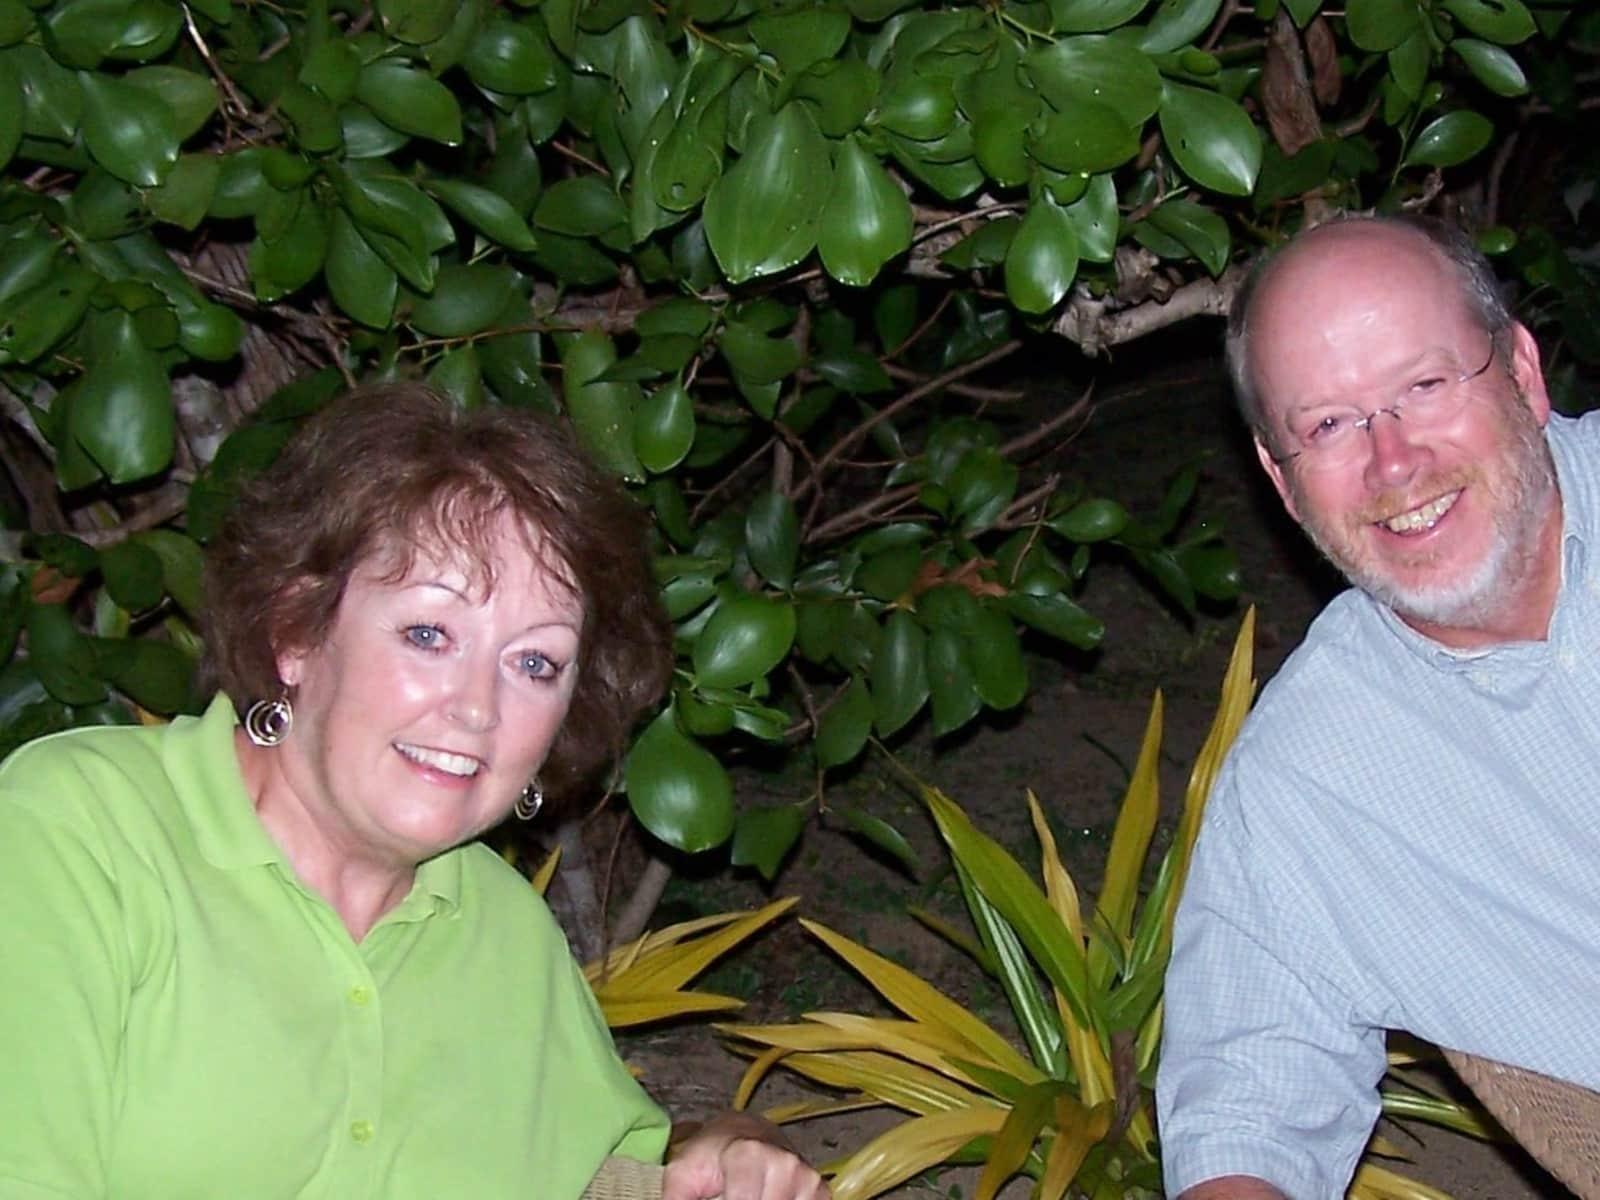 Sean & Roberta from Calgary, Alberta, Canada